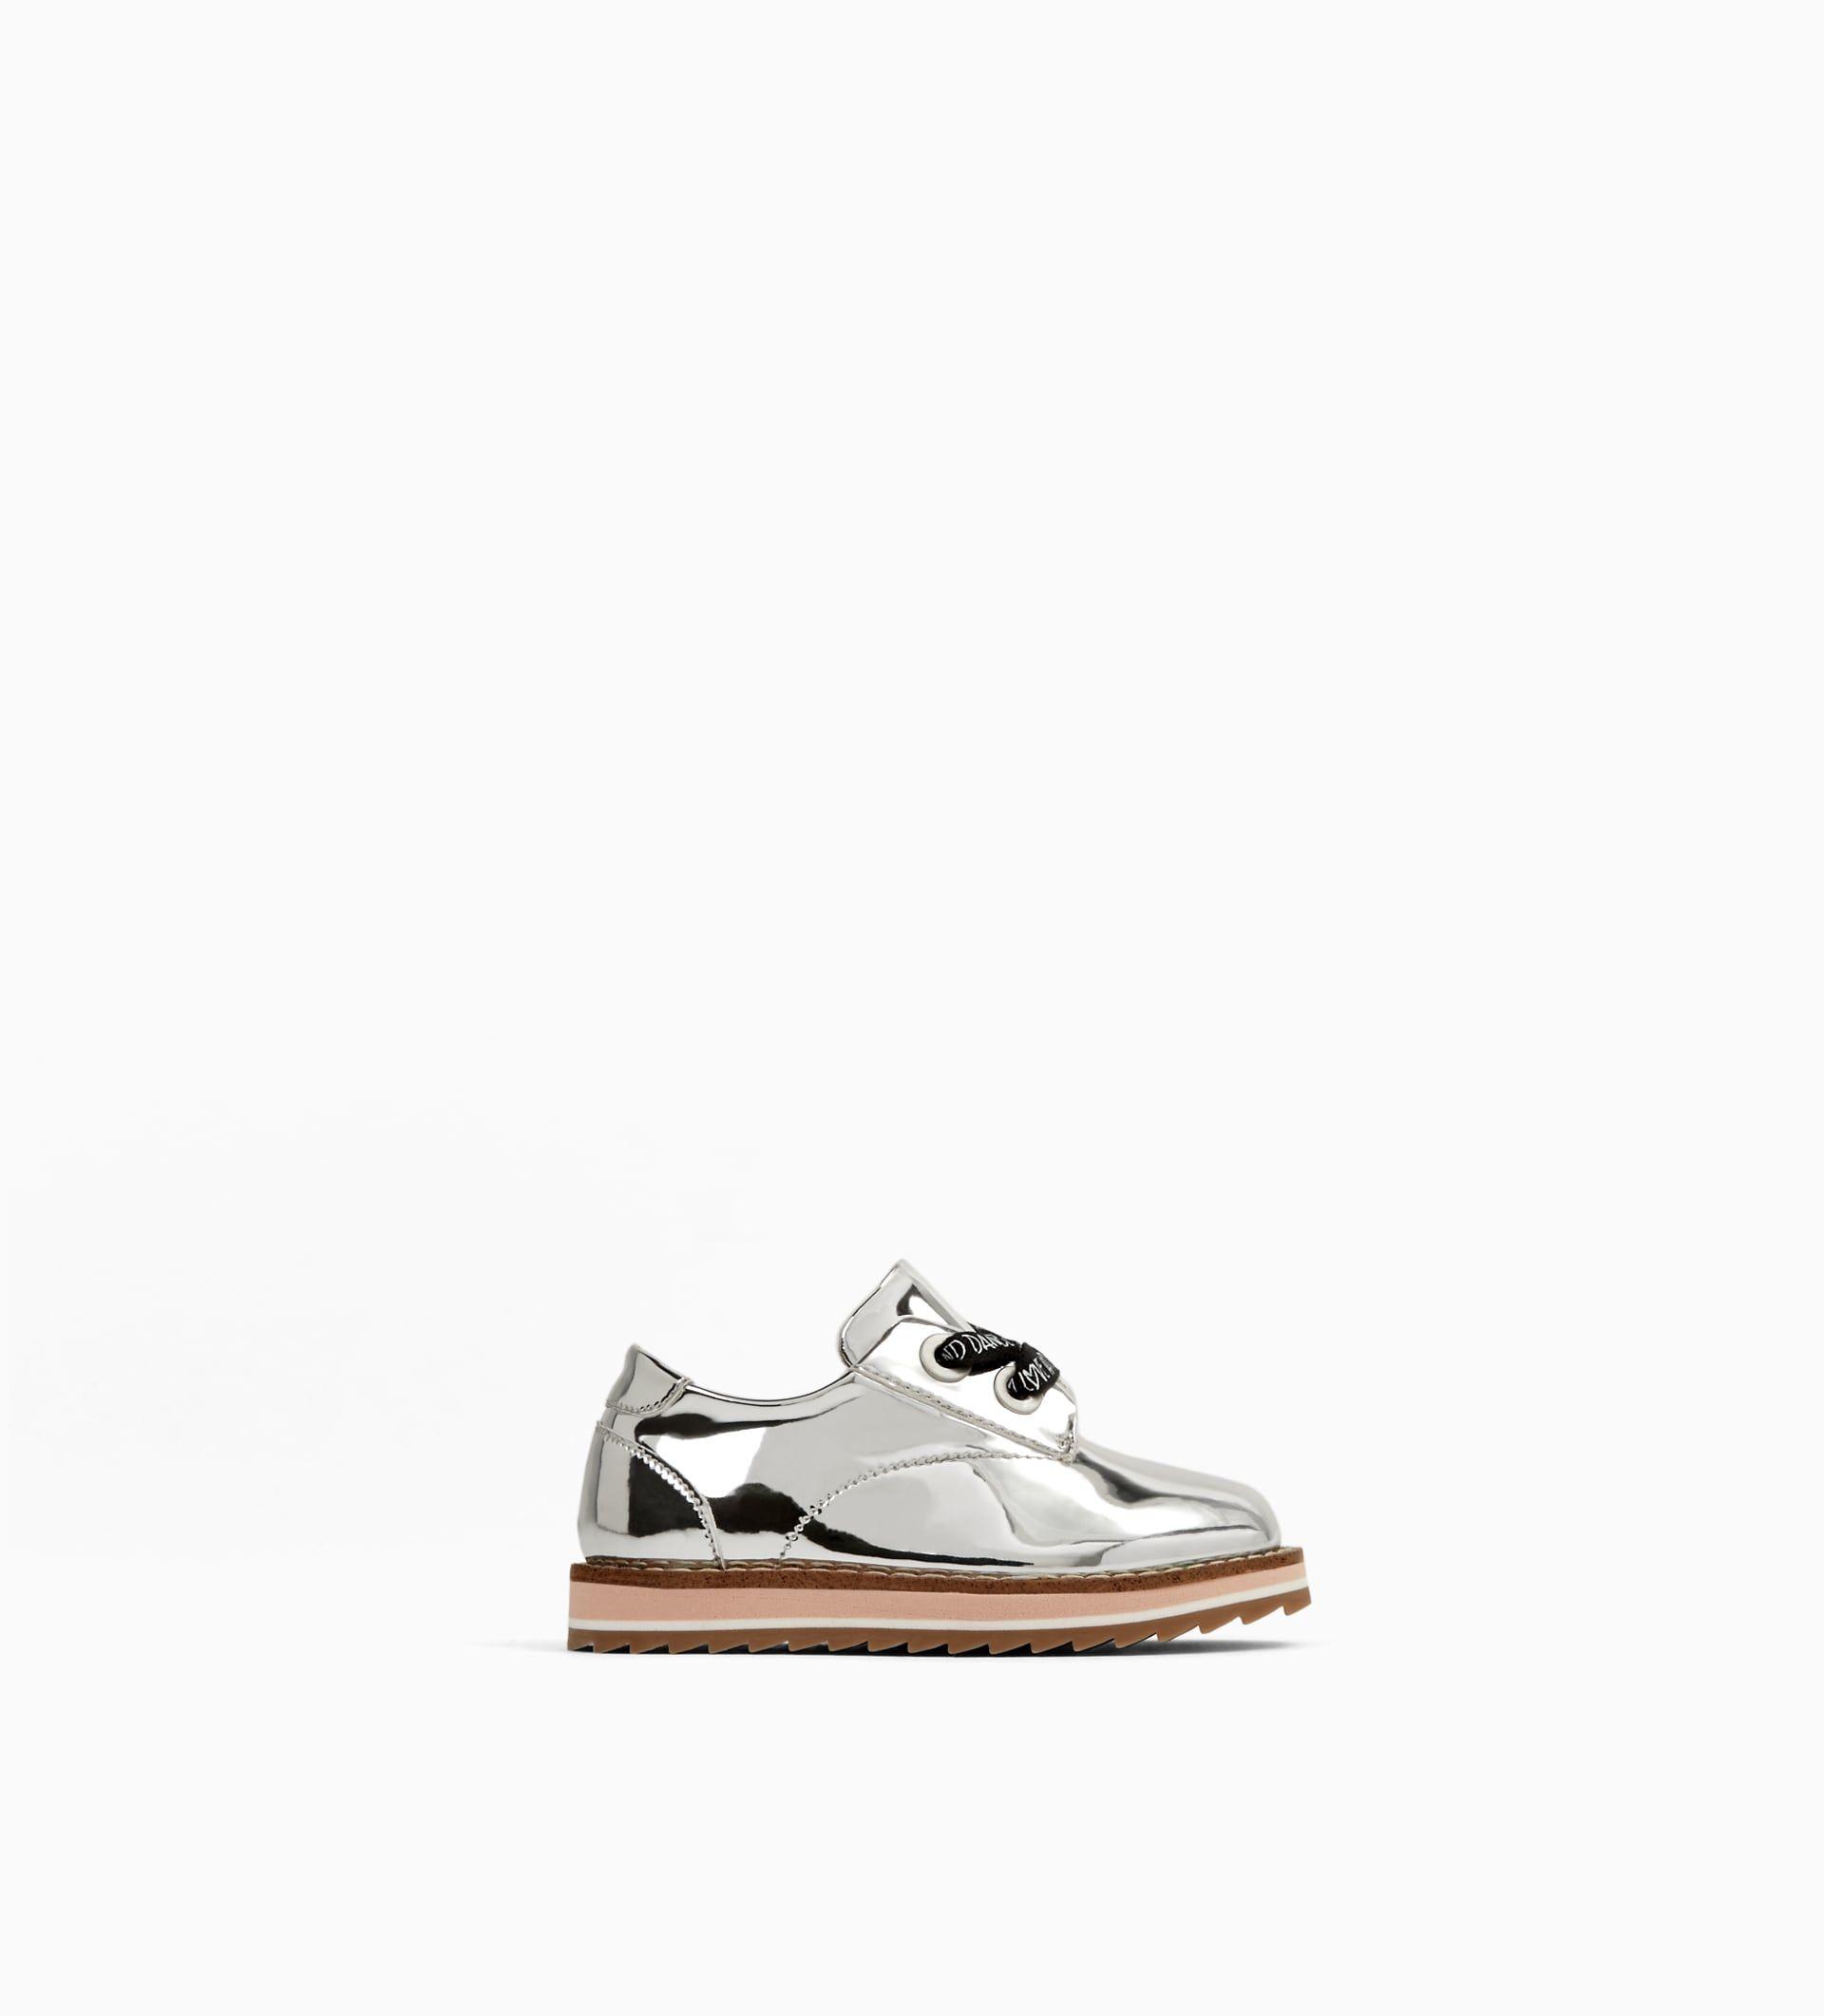 brand new 7e10d d6fda ZARA - KINDEREN - ZILVERKLEURIGE DERBY S Baby Girl Shoes, Kid Shoes, Zara  Baby,